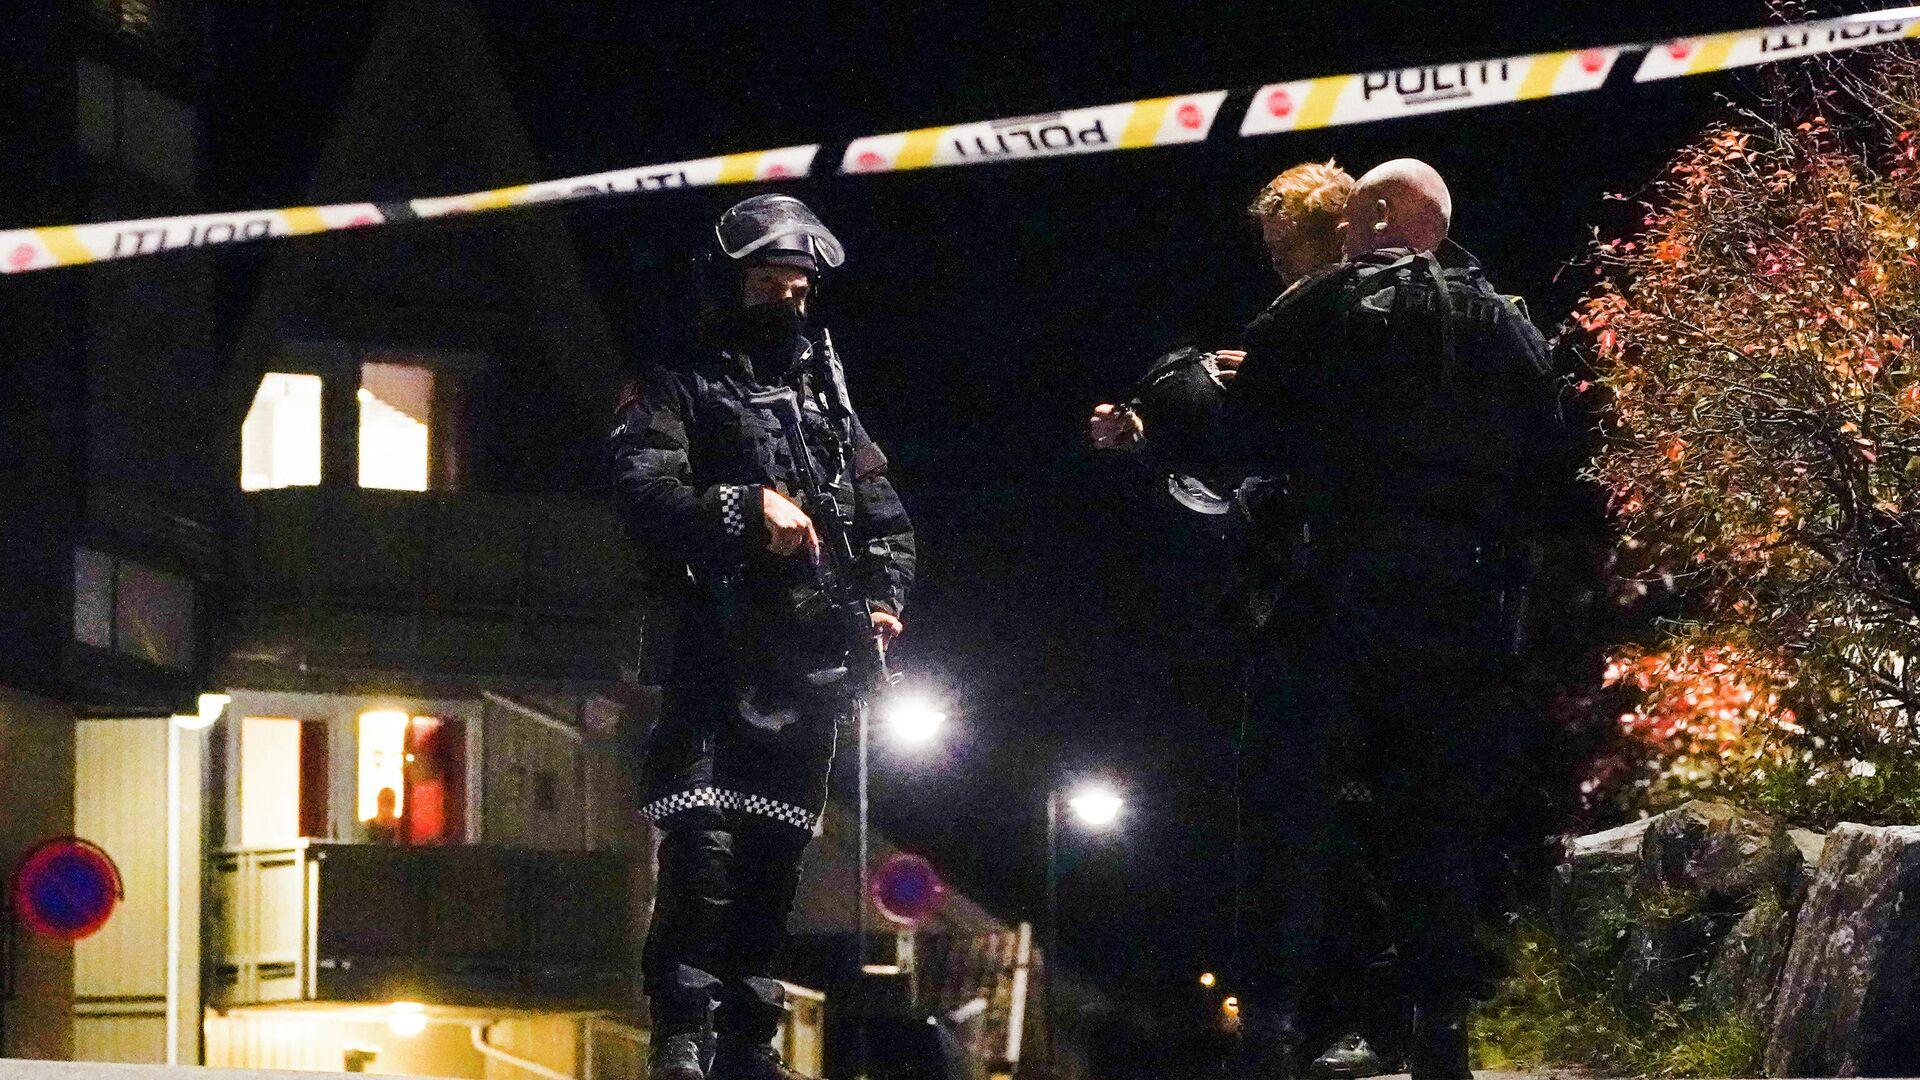 В норвежском городе Конгсберг несколько человек стали жертвами злоумышленника, стрелявшего из лука - РИА Новости, 1920, 13.10.2021